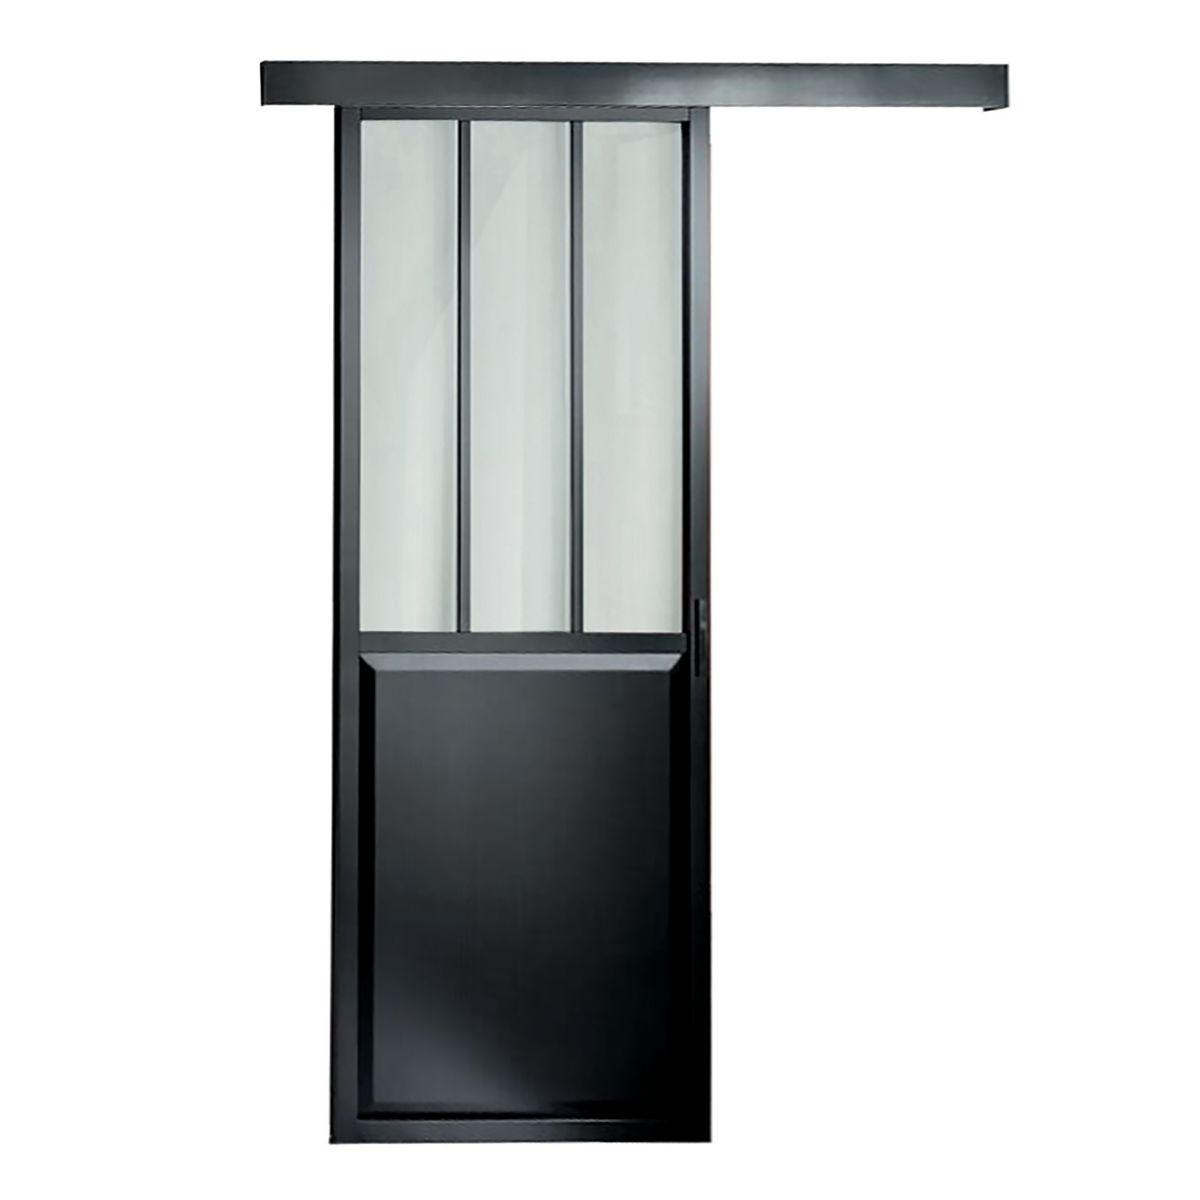 Porte scorrevoli per cucina yn21 regardsdefemmes - Leroy merlin porte scorrevoli vetro ...